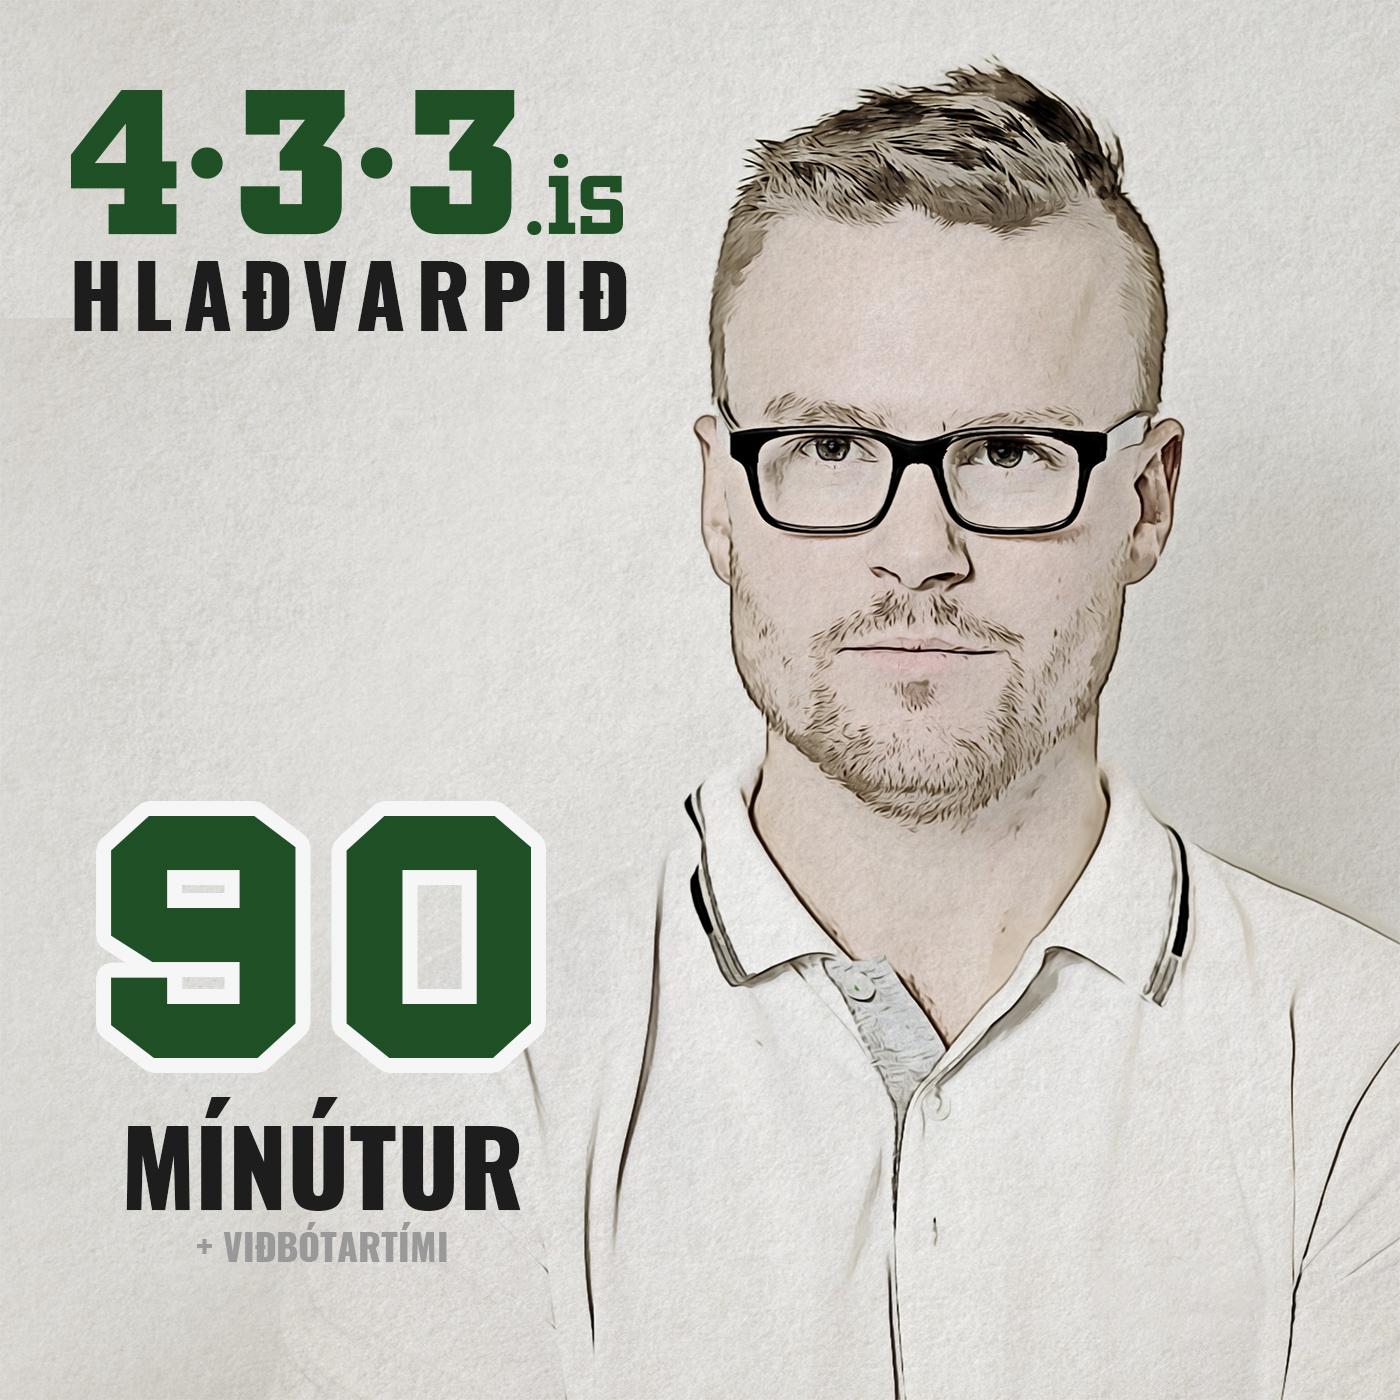 90 mínútur